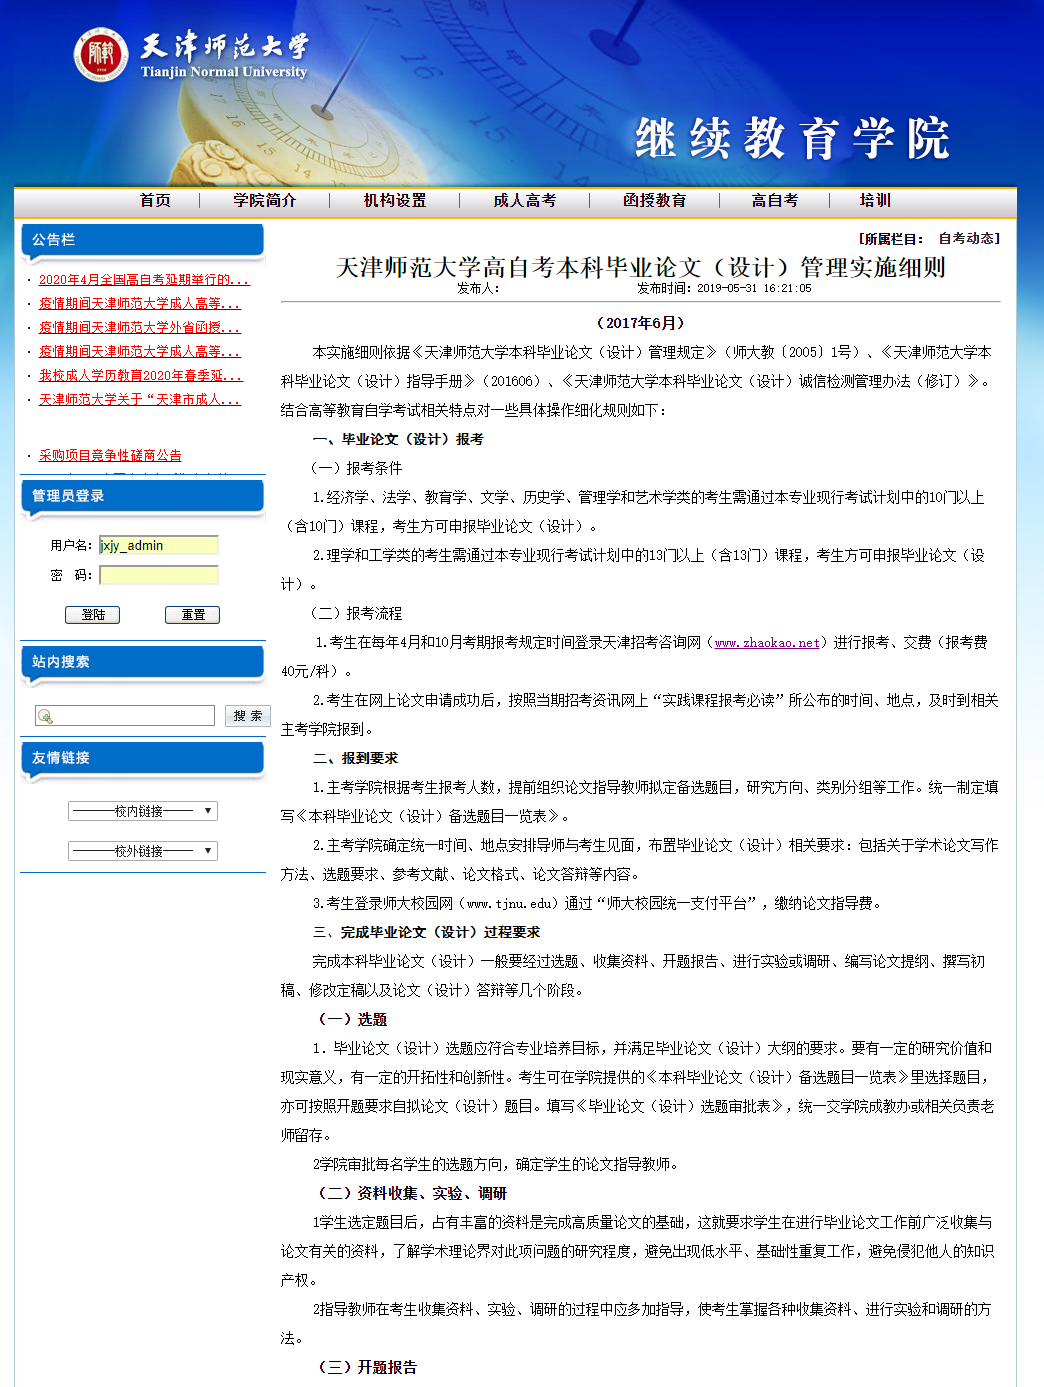 天津师范大学高自考本科毕业论文(设计)管理实施细则